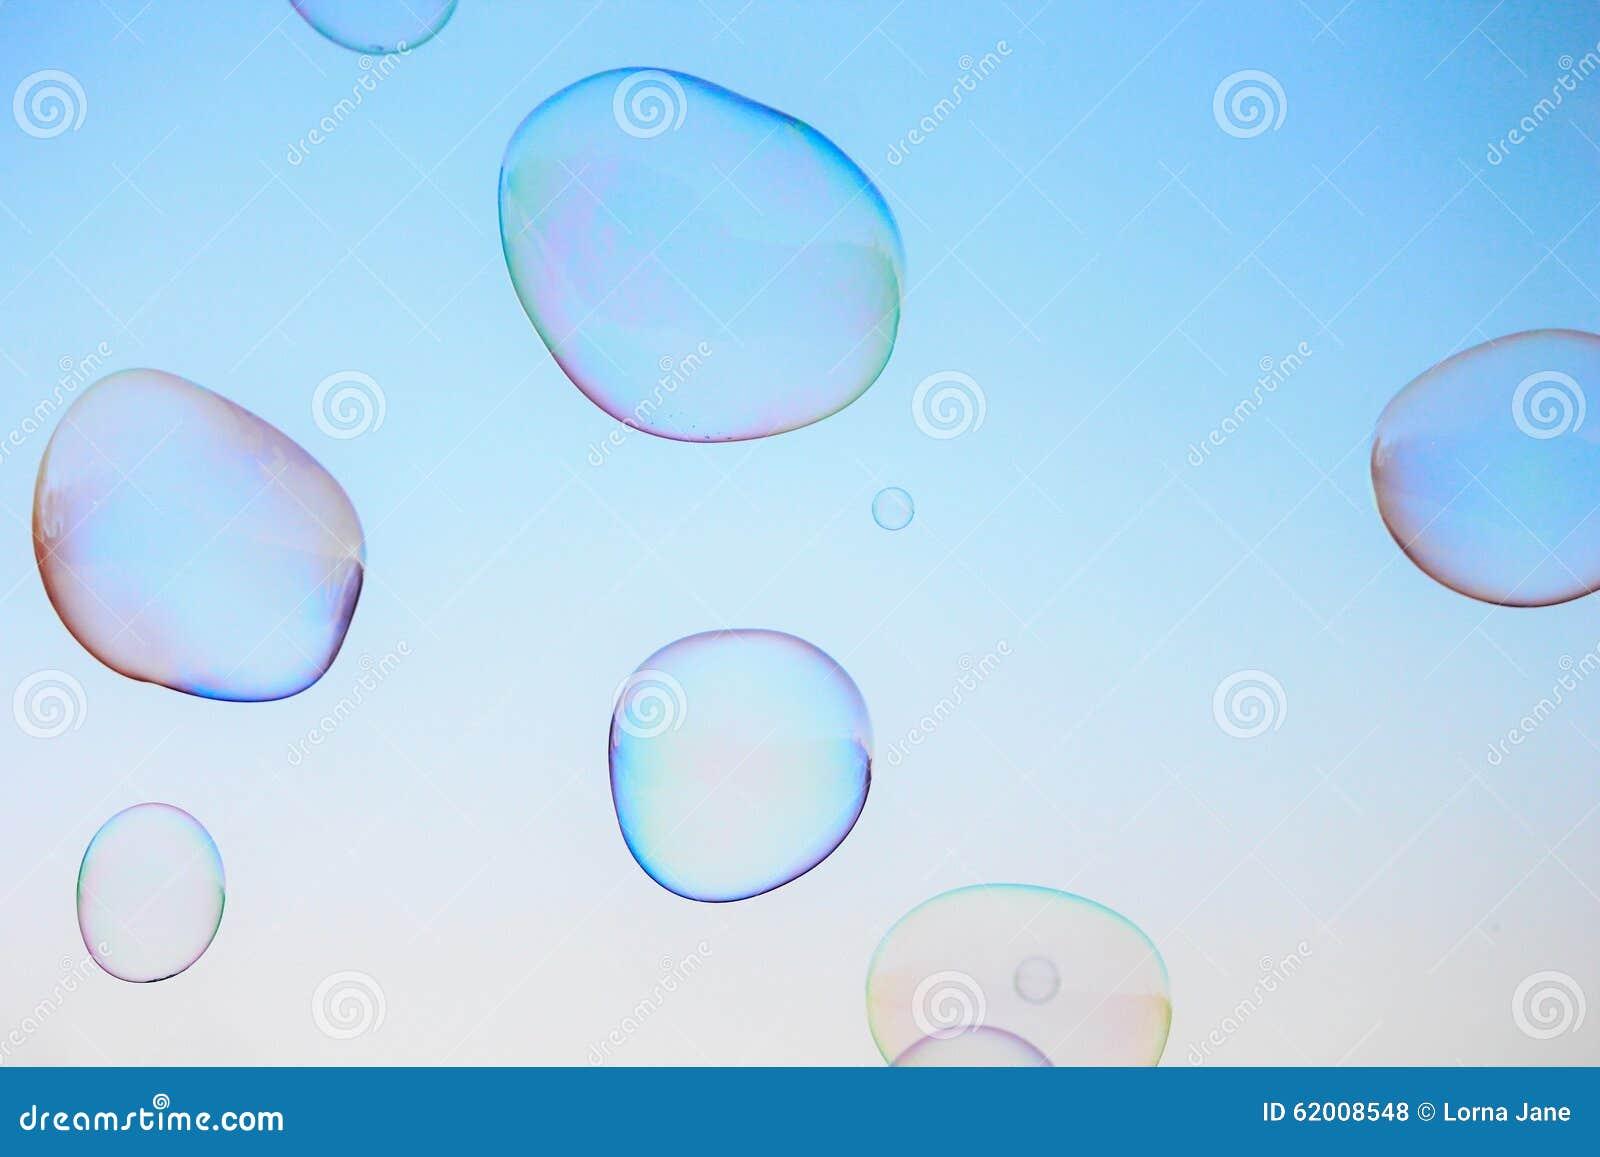 Van de close-upzeepbel modern eenvoudig abstract ontwerp als achtergrond met copyspace